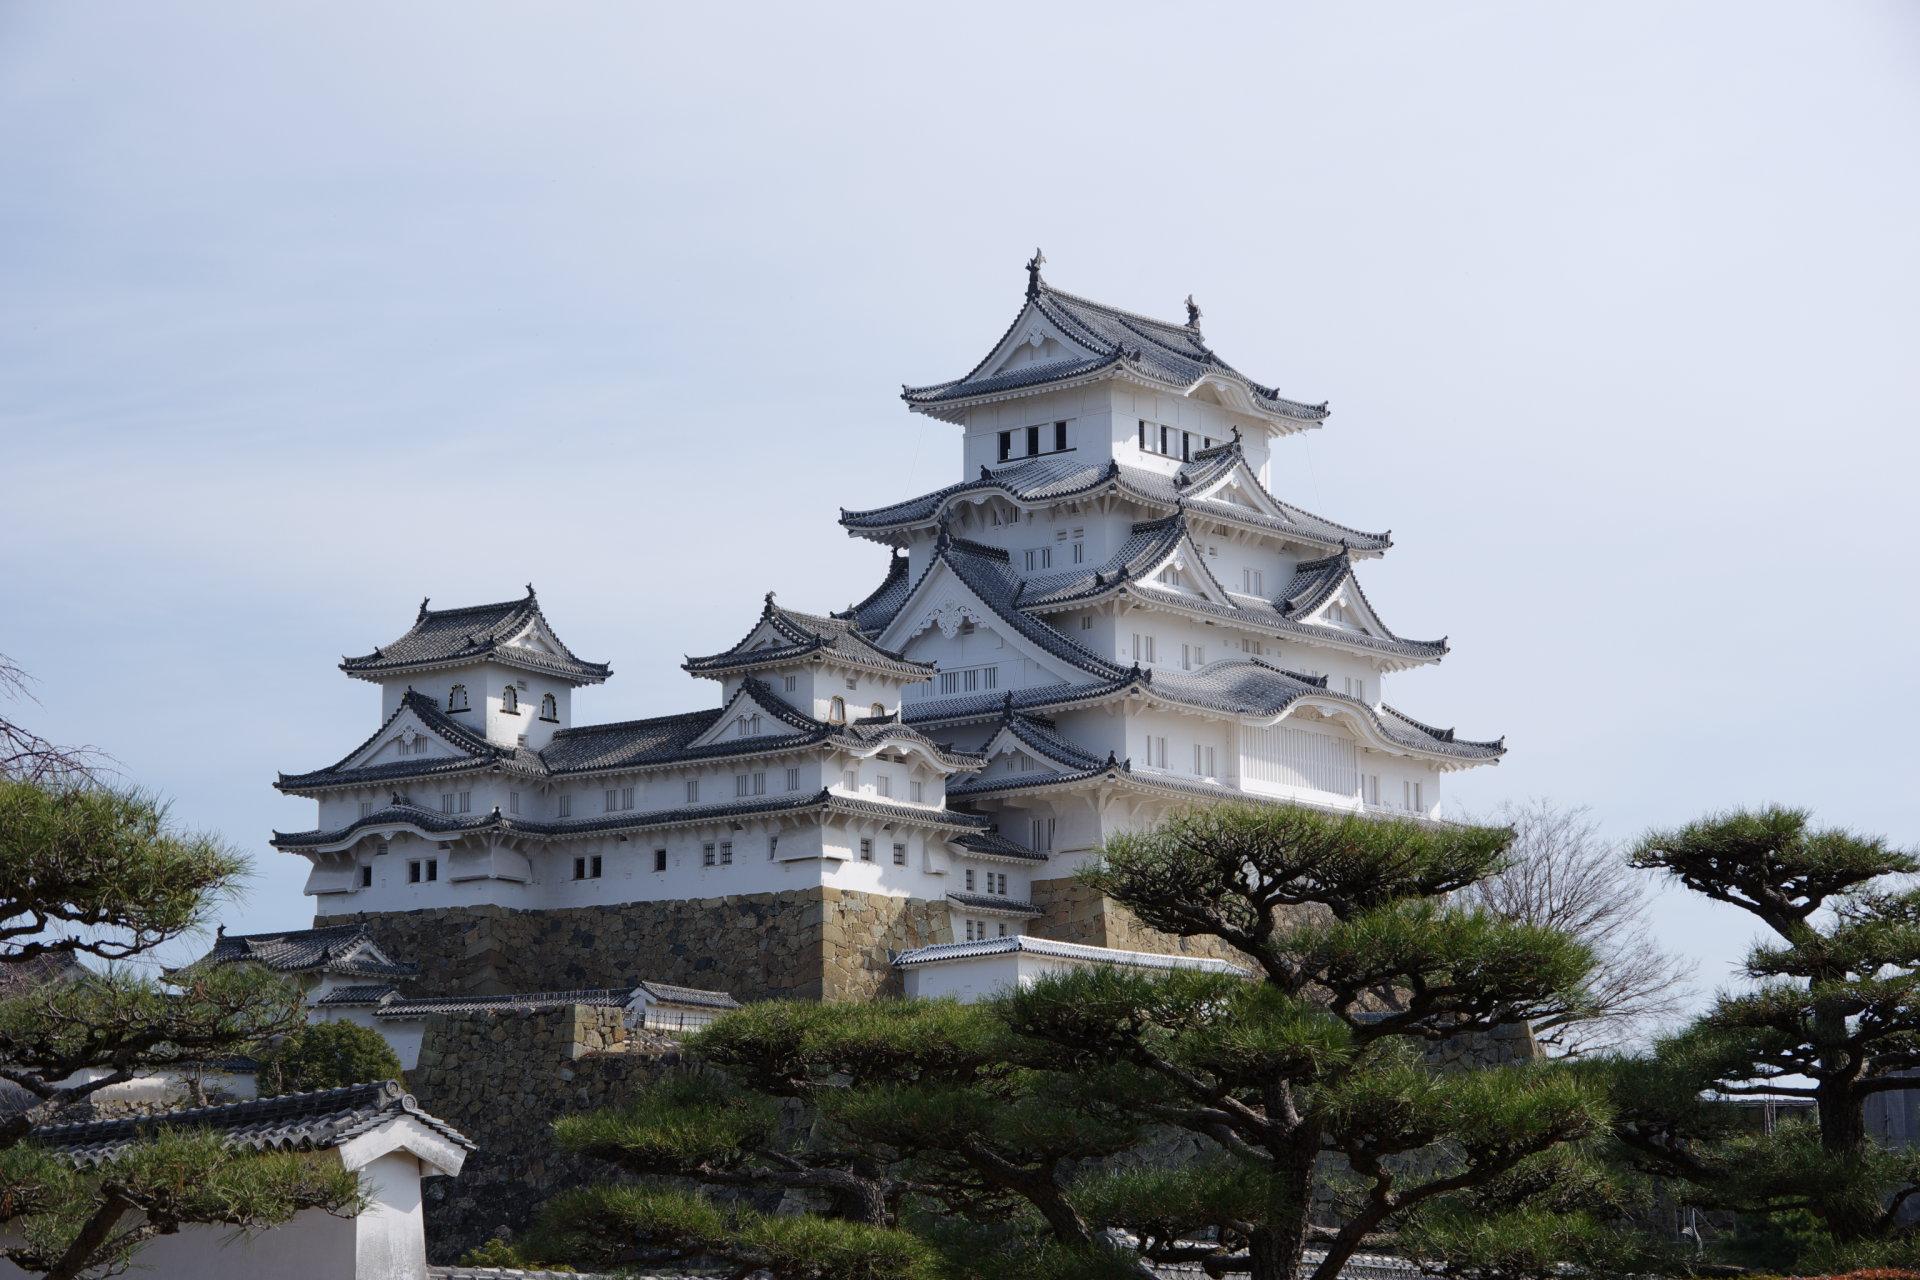 西の丸から望む姫路城大天守【2】